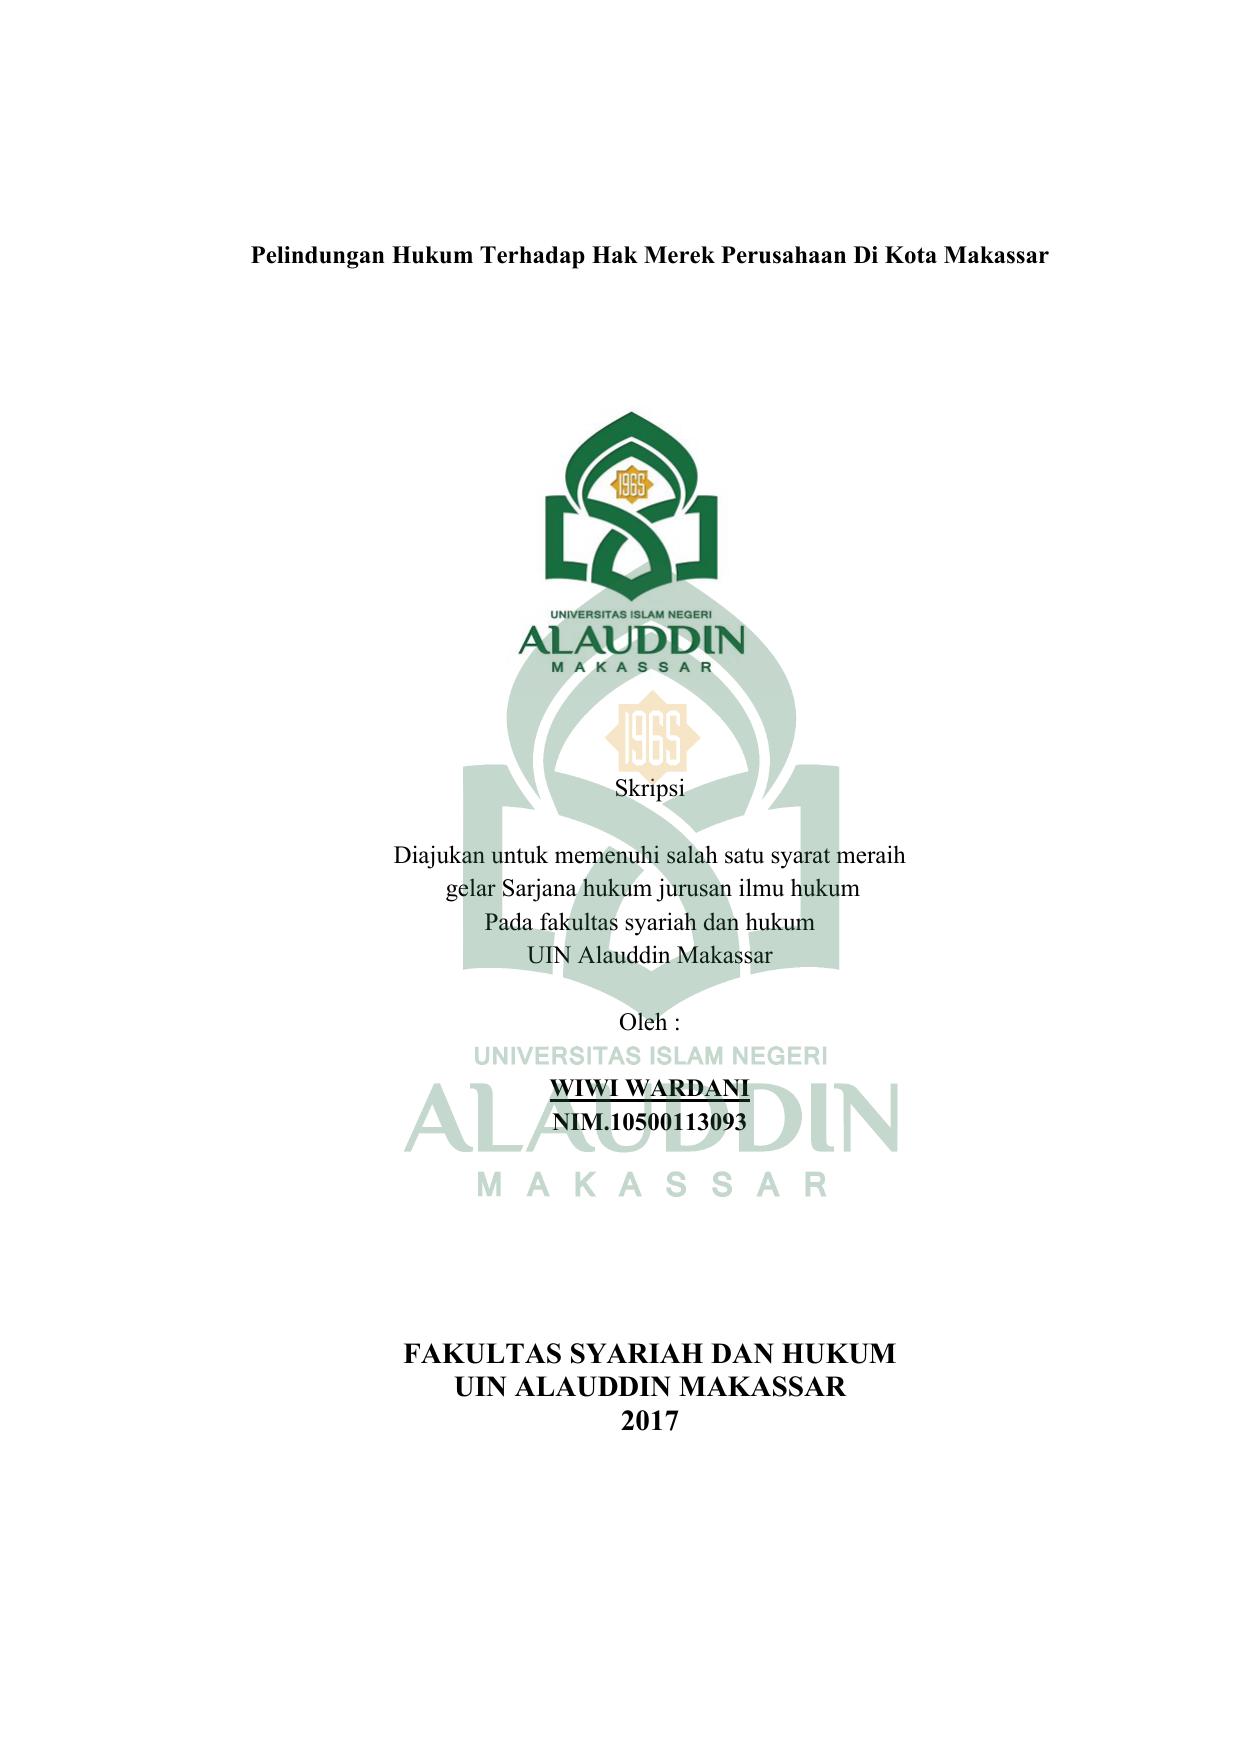 Fakultas Syariah Dan Hukum Uin Alauddin Makassar 2017